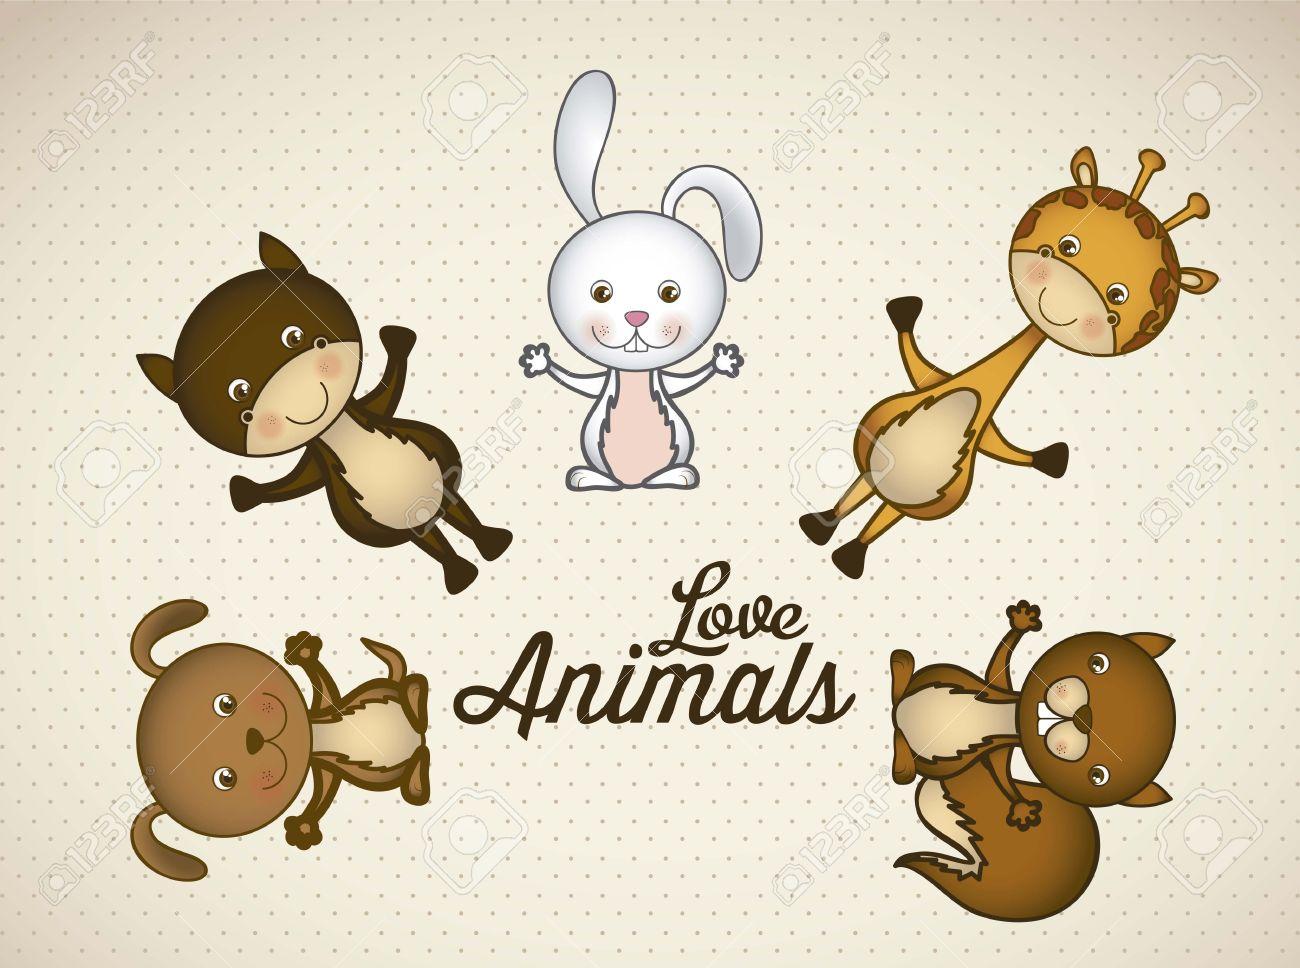 キリン、ウサギ、リス、馬、犬の動物アイコン イラストのイラスト